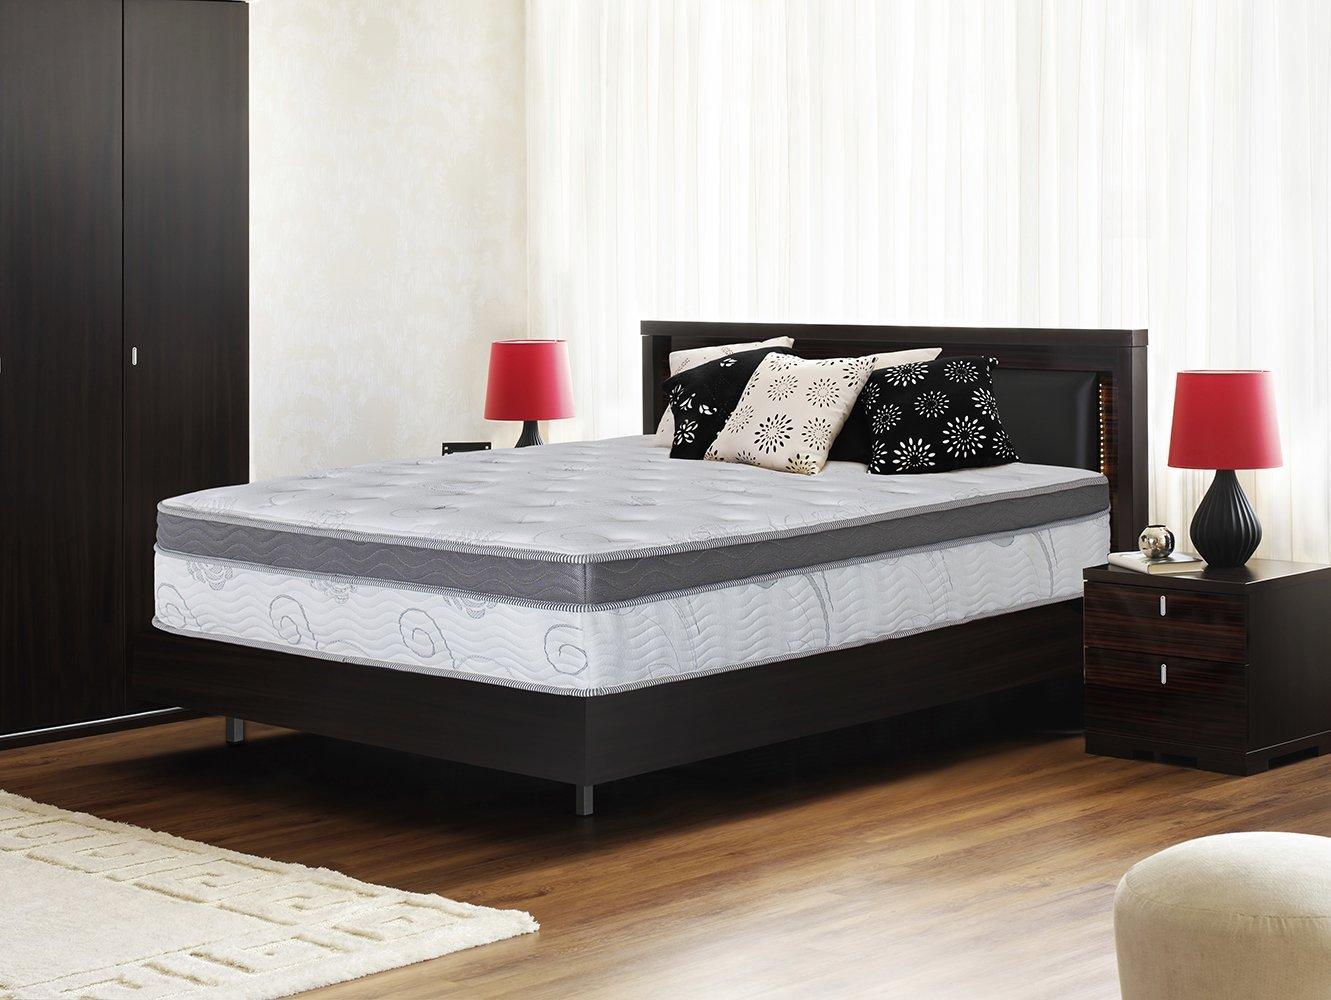 Olee Sleep 13 Inch Box Top Hybrid Gel Infused Memory Foam Innerspring Mattress